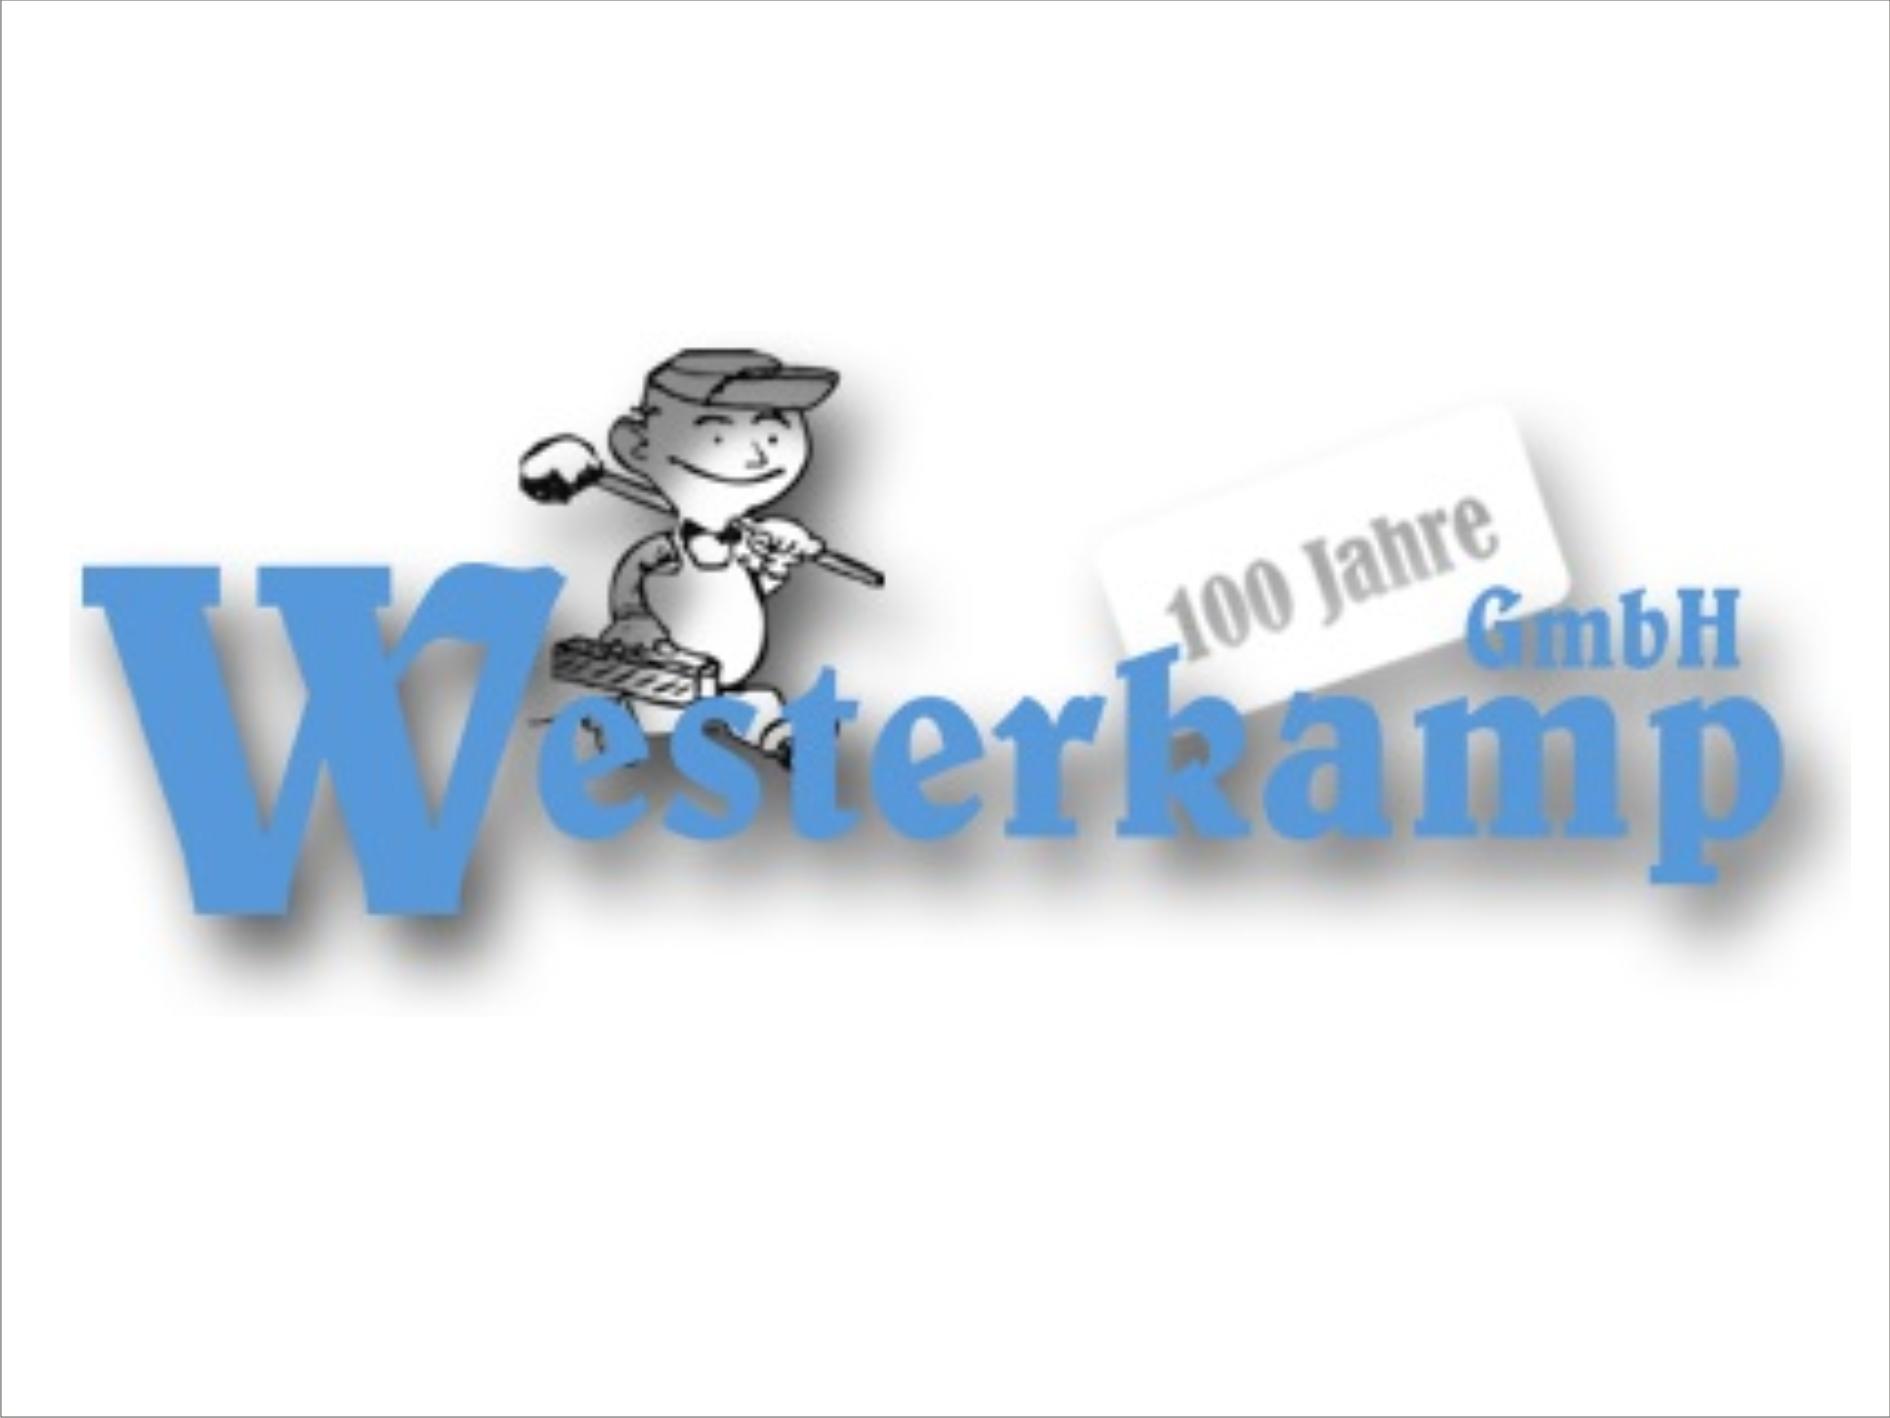 * Anlagenmechaniker/-in für Sanitär-, Heizungs- und Klimatechnik